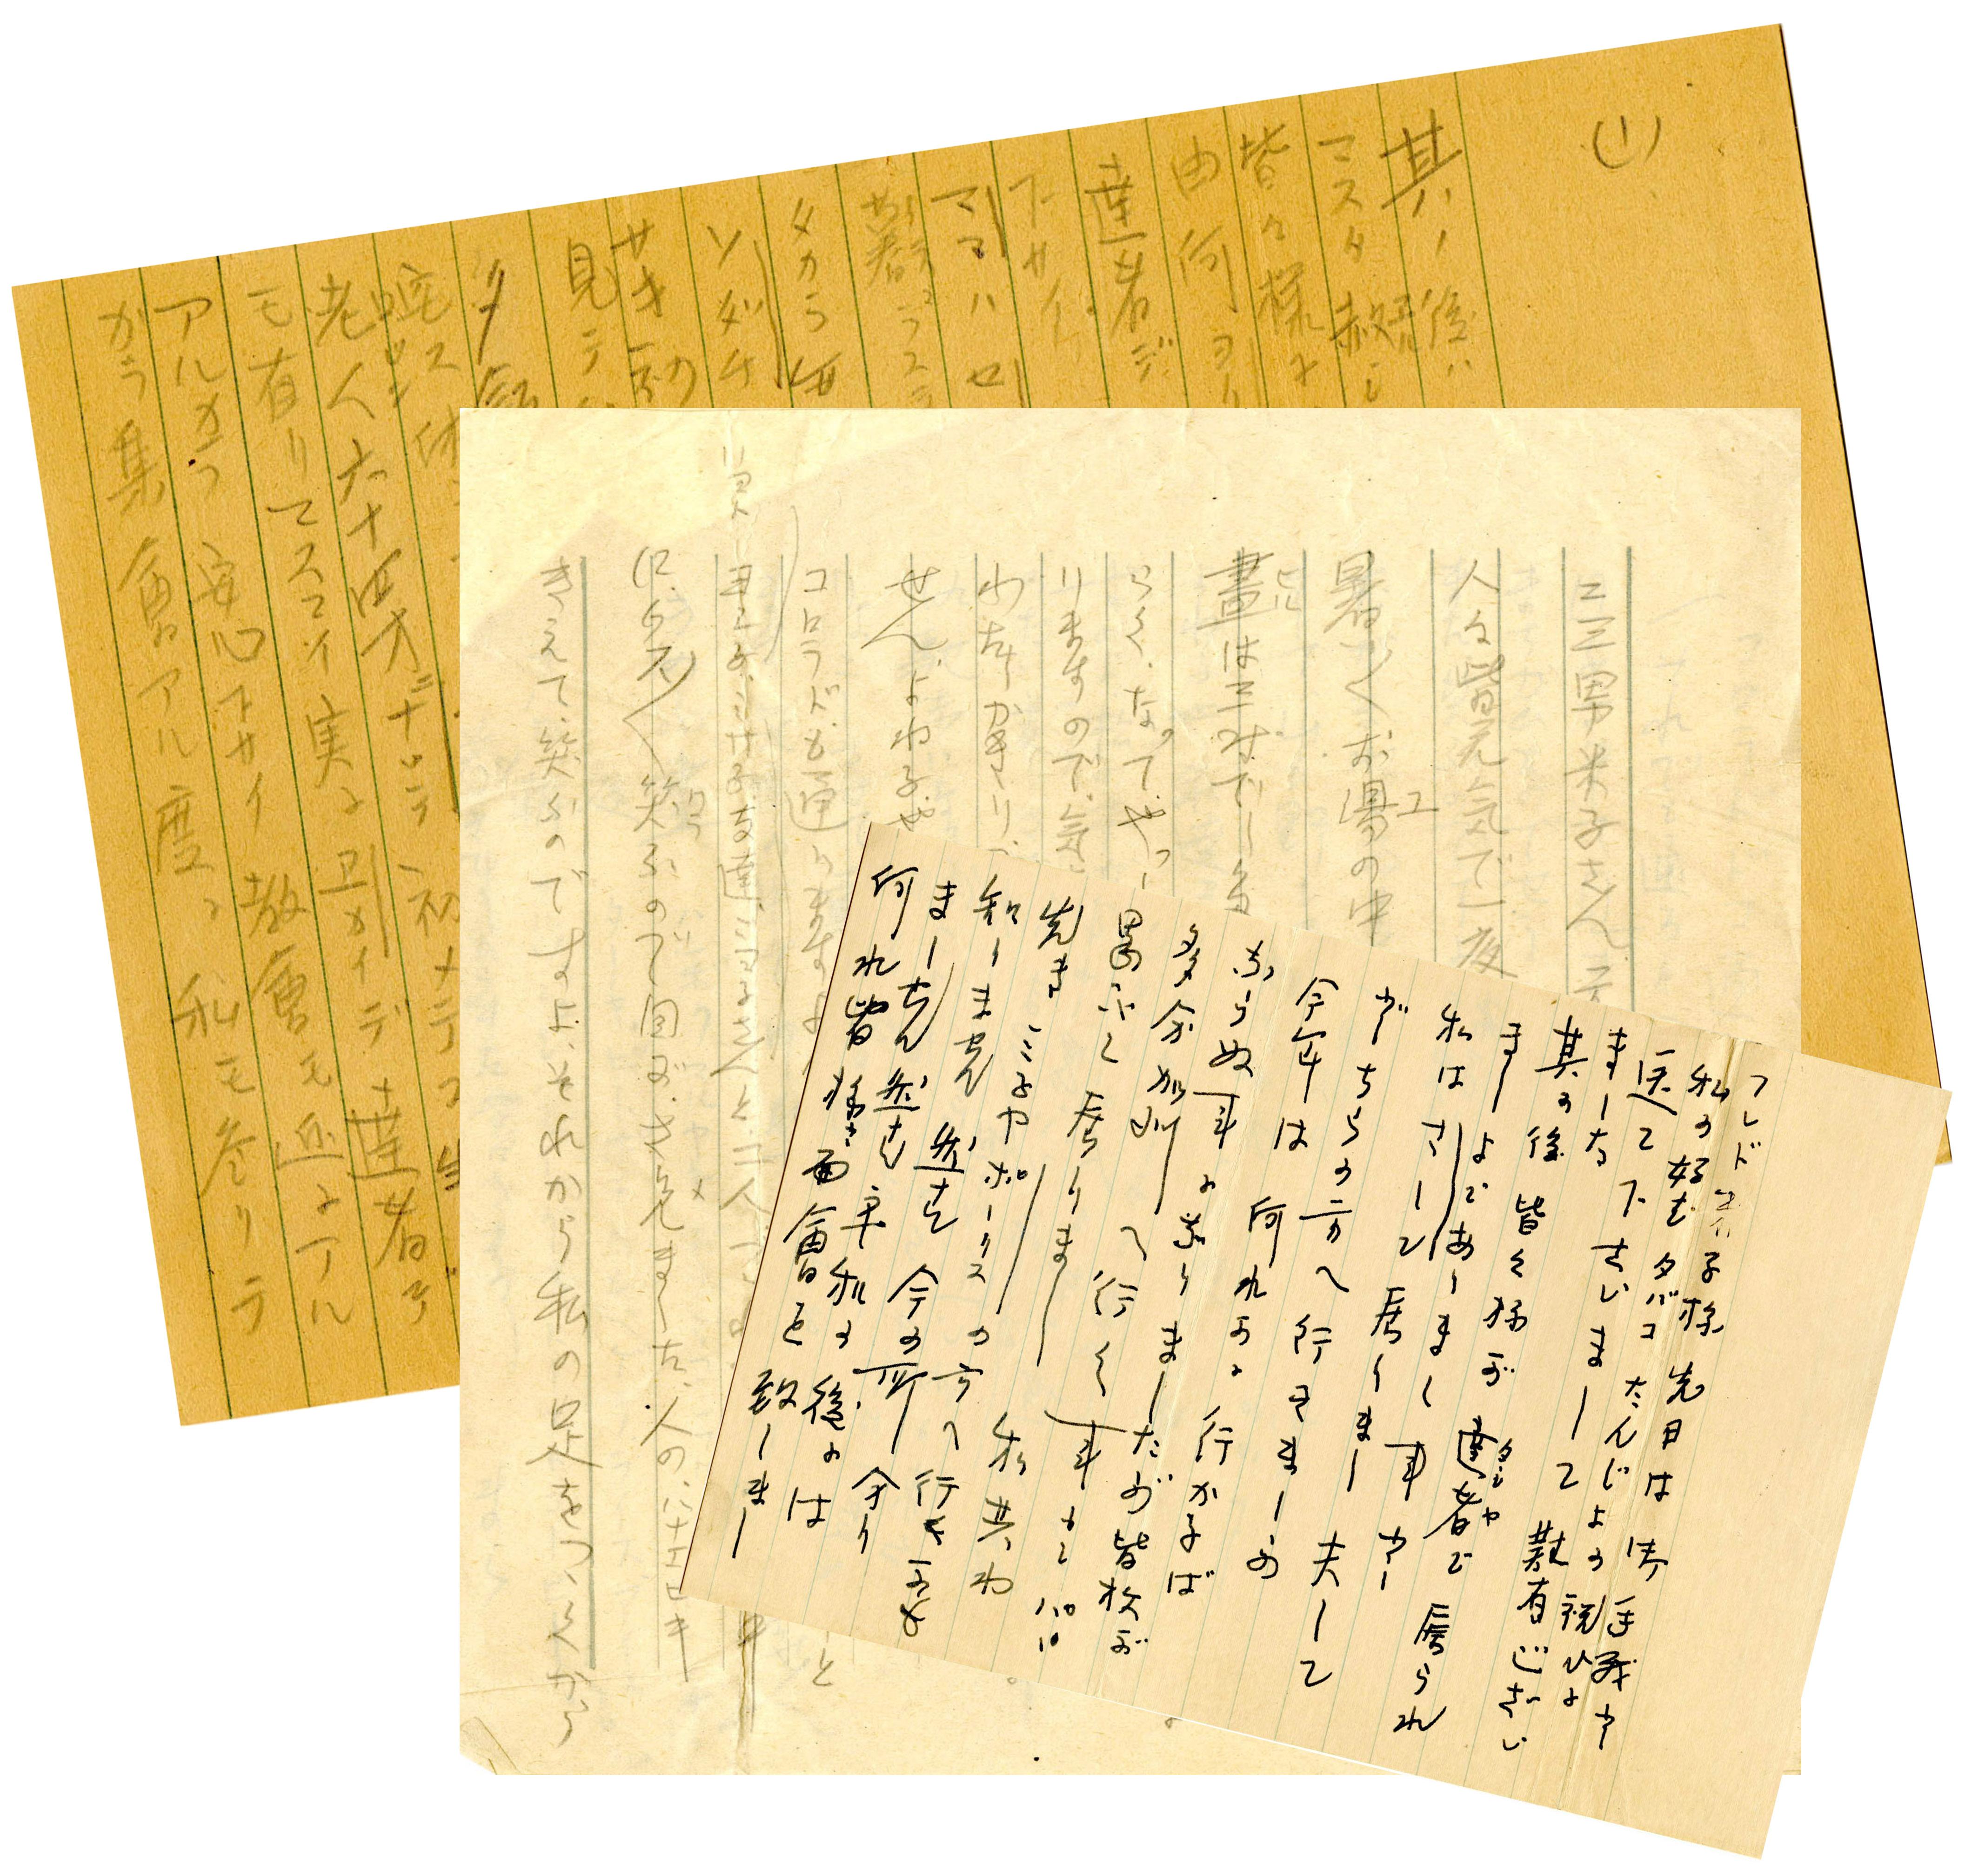 Letters from Kumaji and Tsuruno Meguro to Fumio and Yoneko Takano